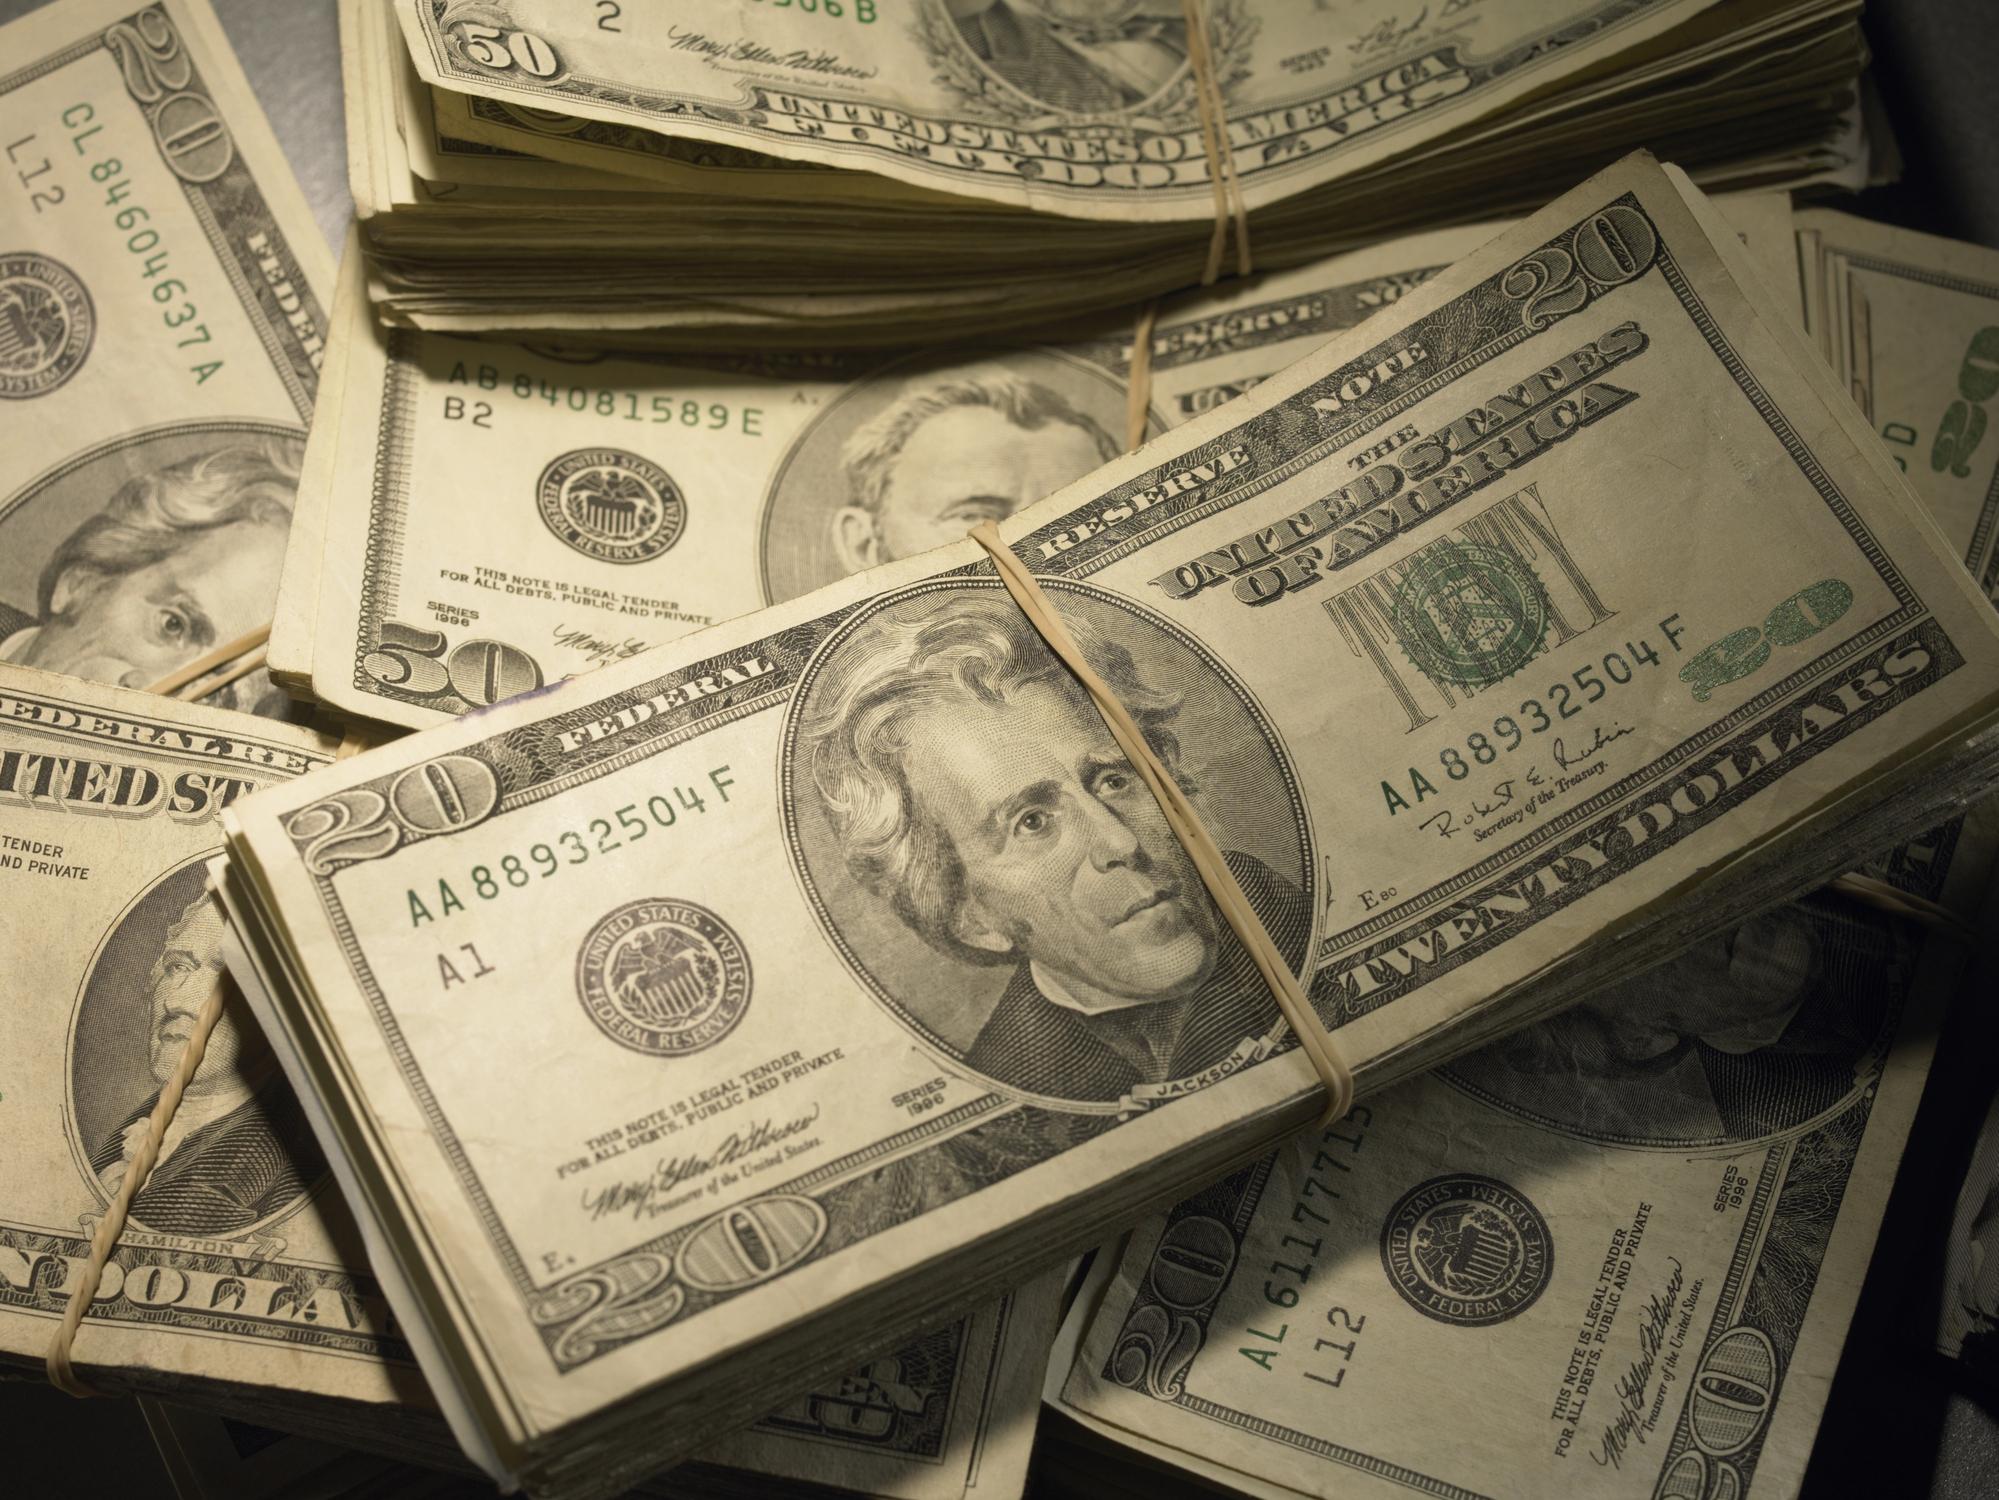 Cash.